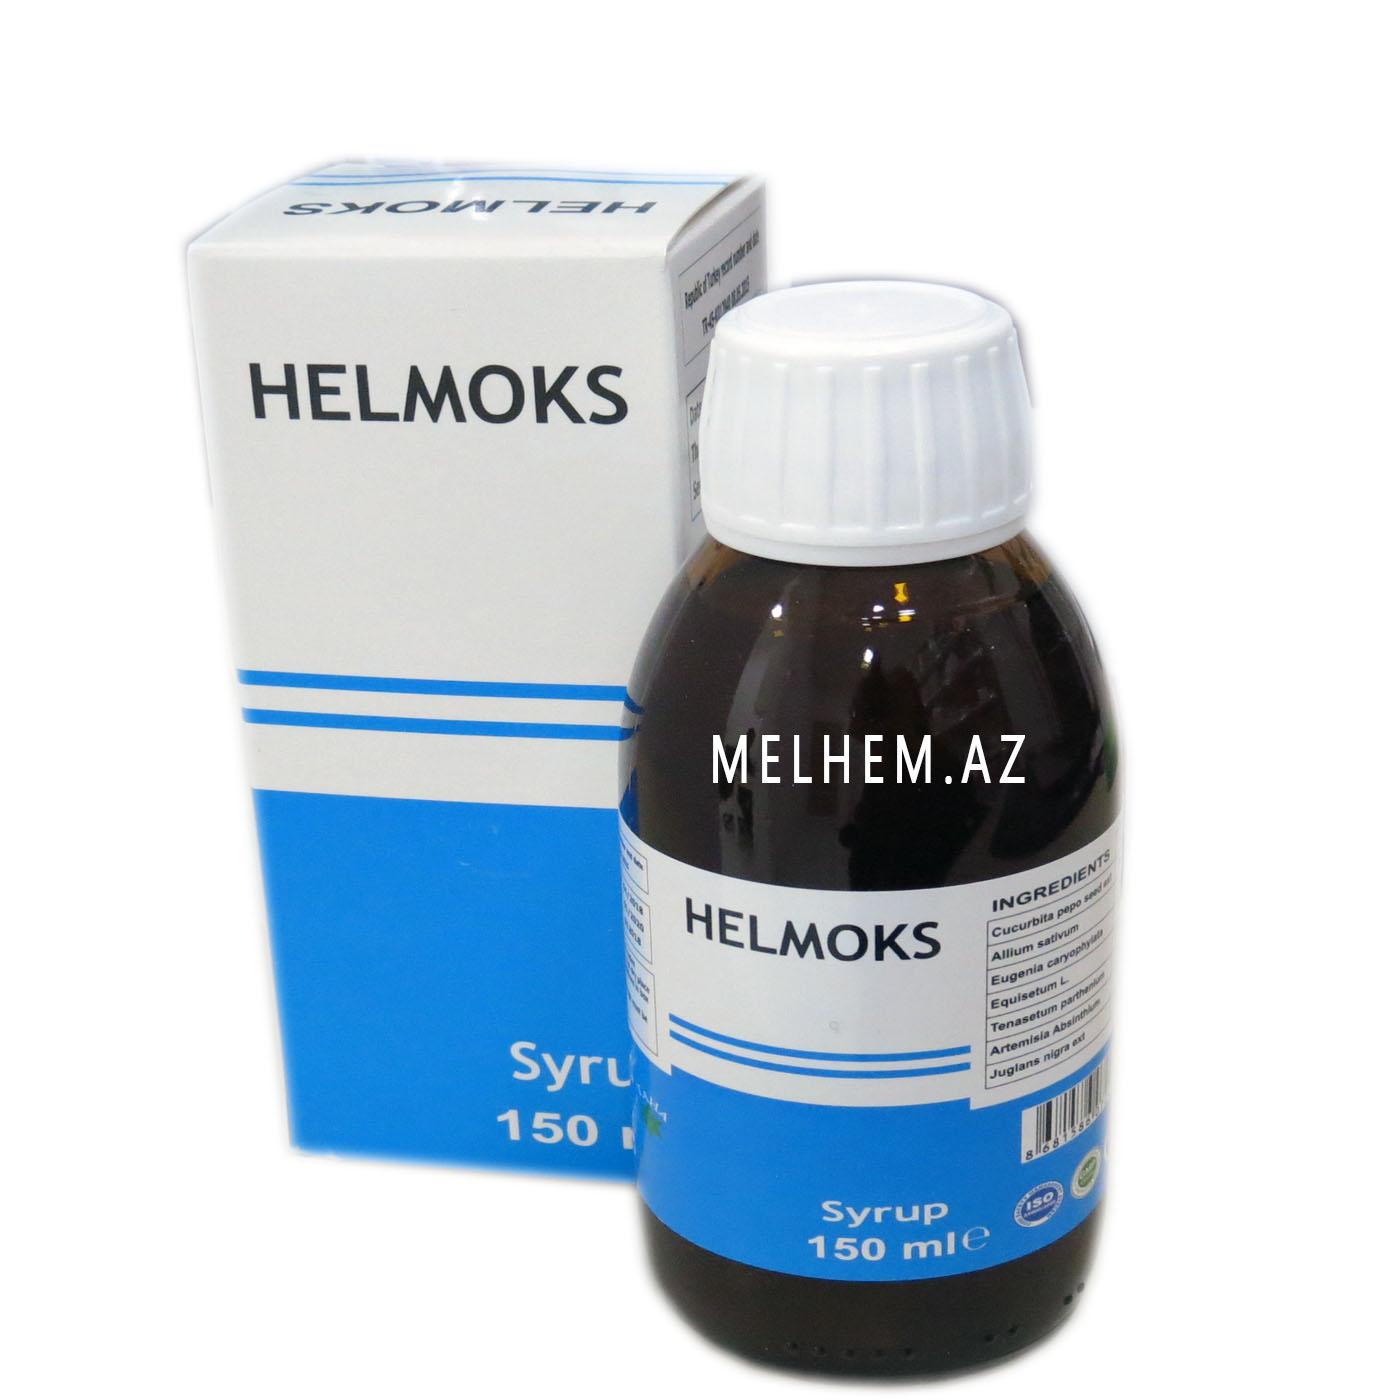 HELMOKS 150 ML